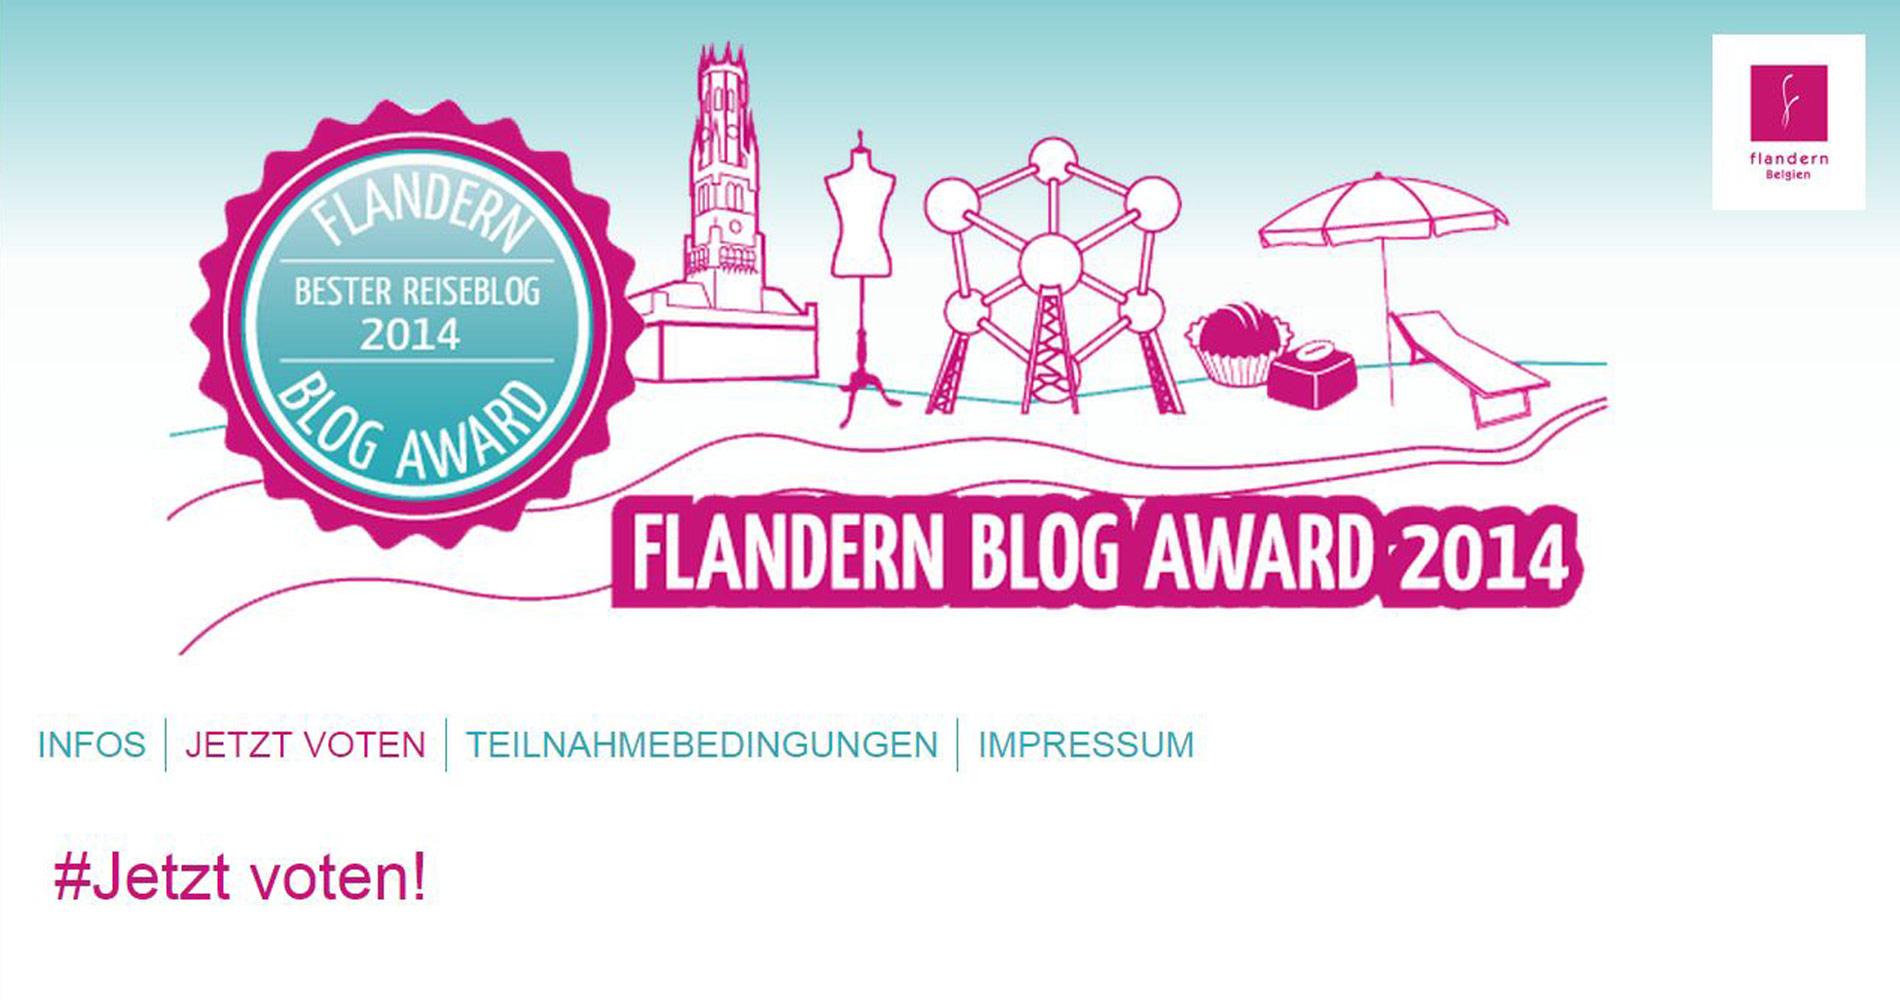 Screenshot vom Flandern Blog Award - jetzt abstimmen